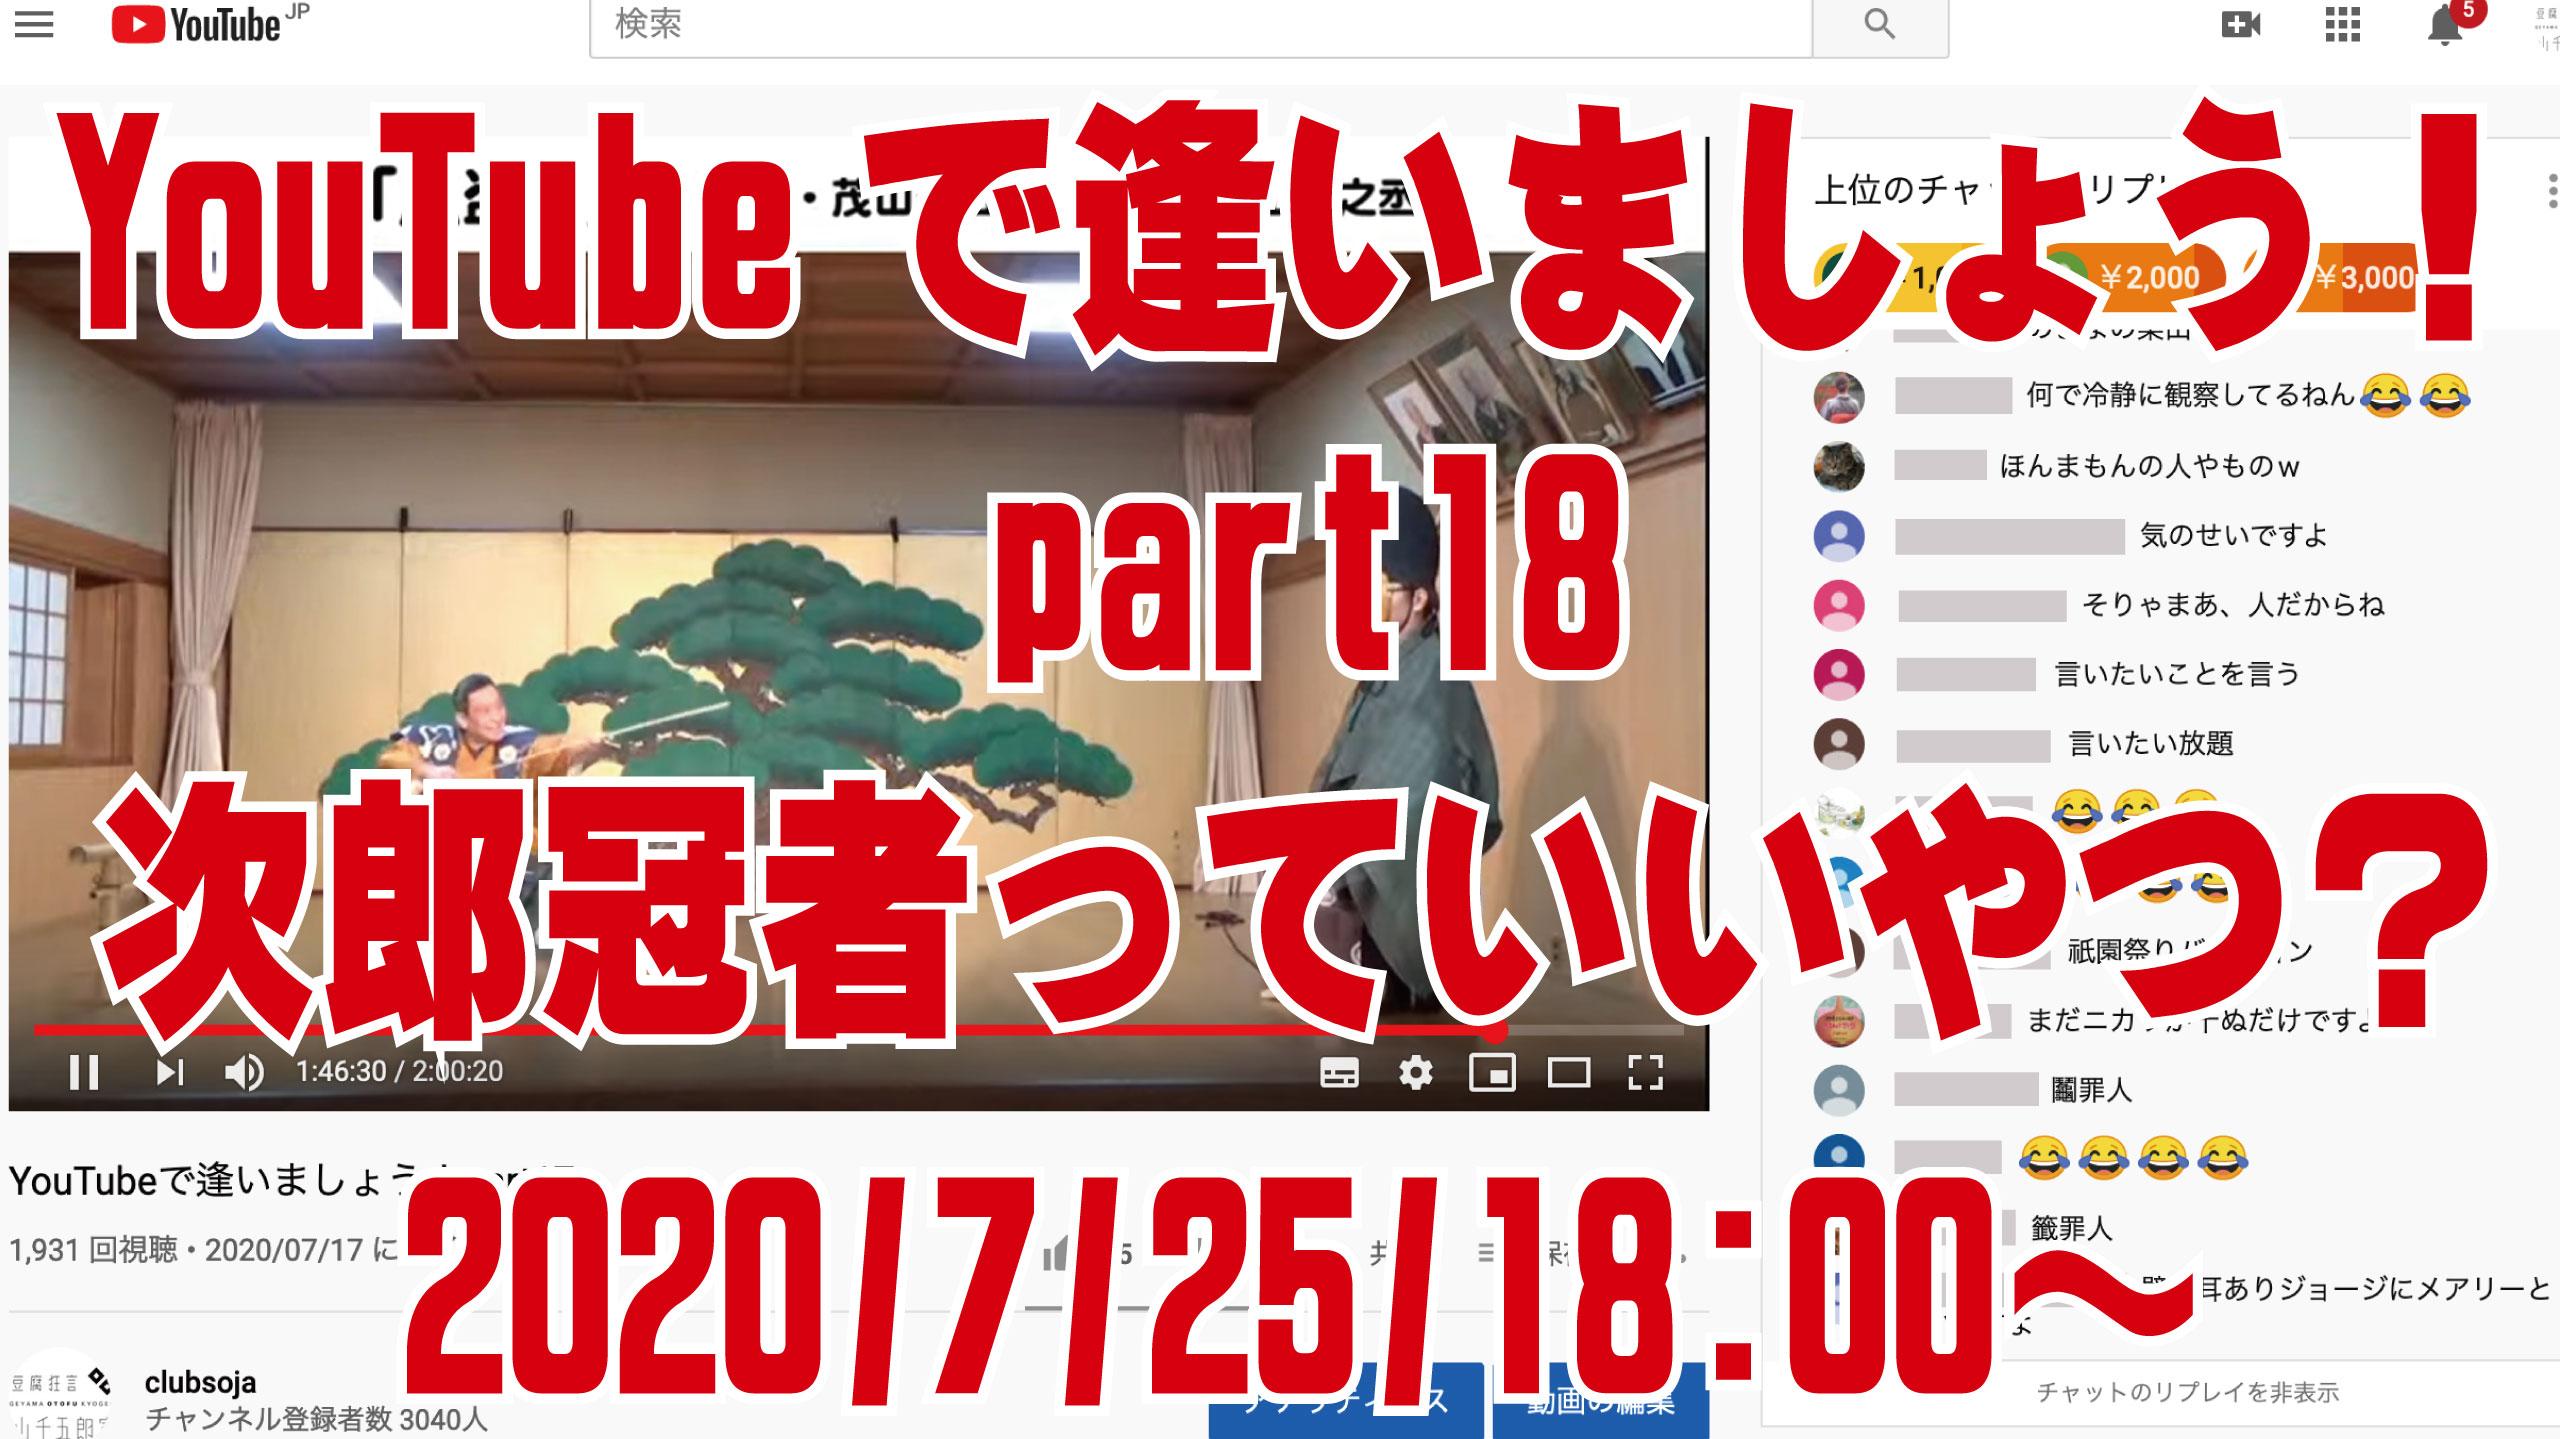 YouTubeで逢いましょう!part18